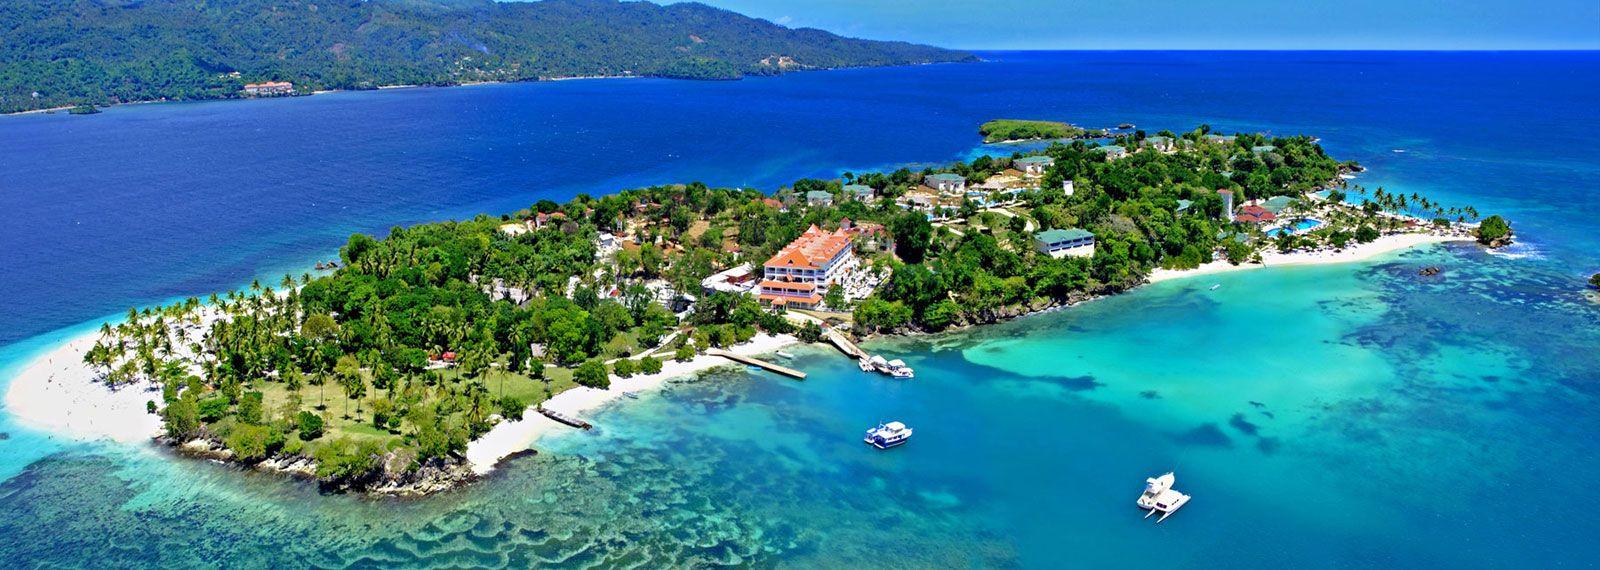 DOMINICAN REPUBLIC  Luxury Bahia Principe Cayo Levantado  Hotels